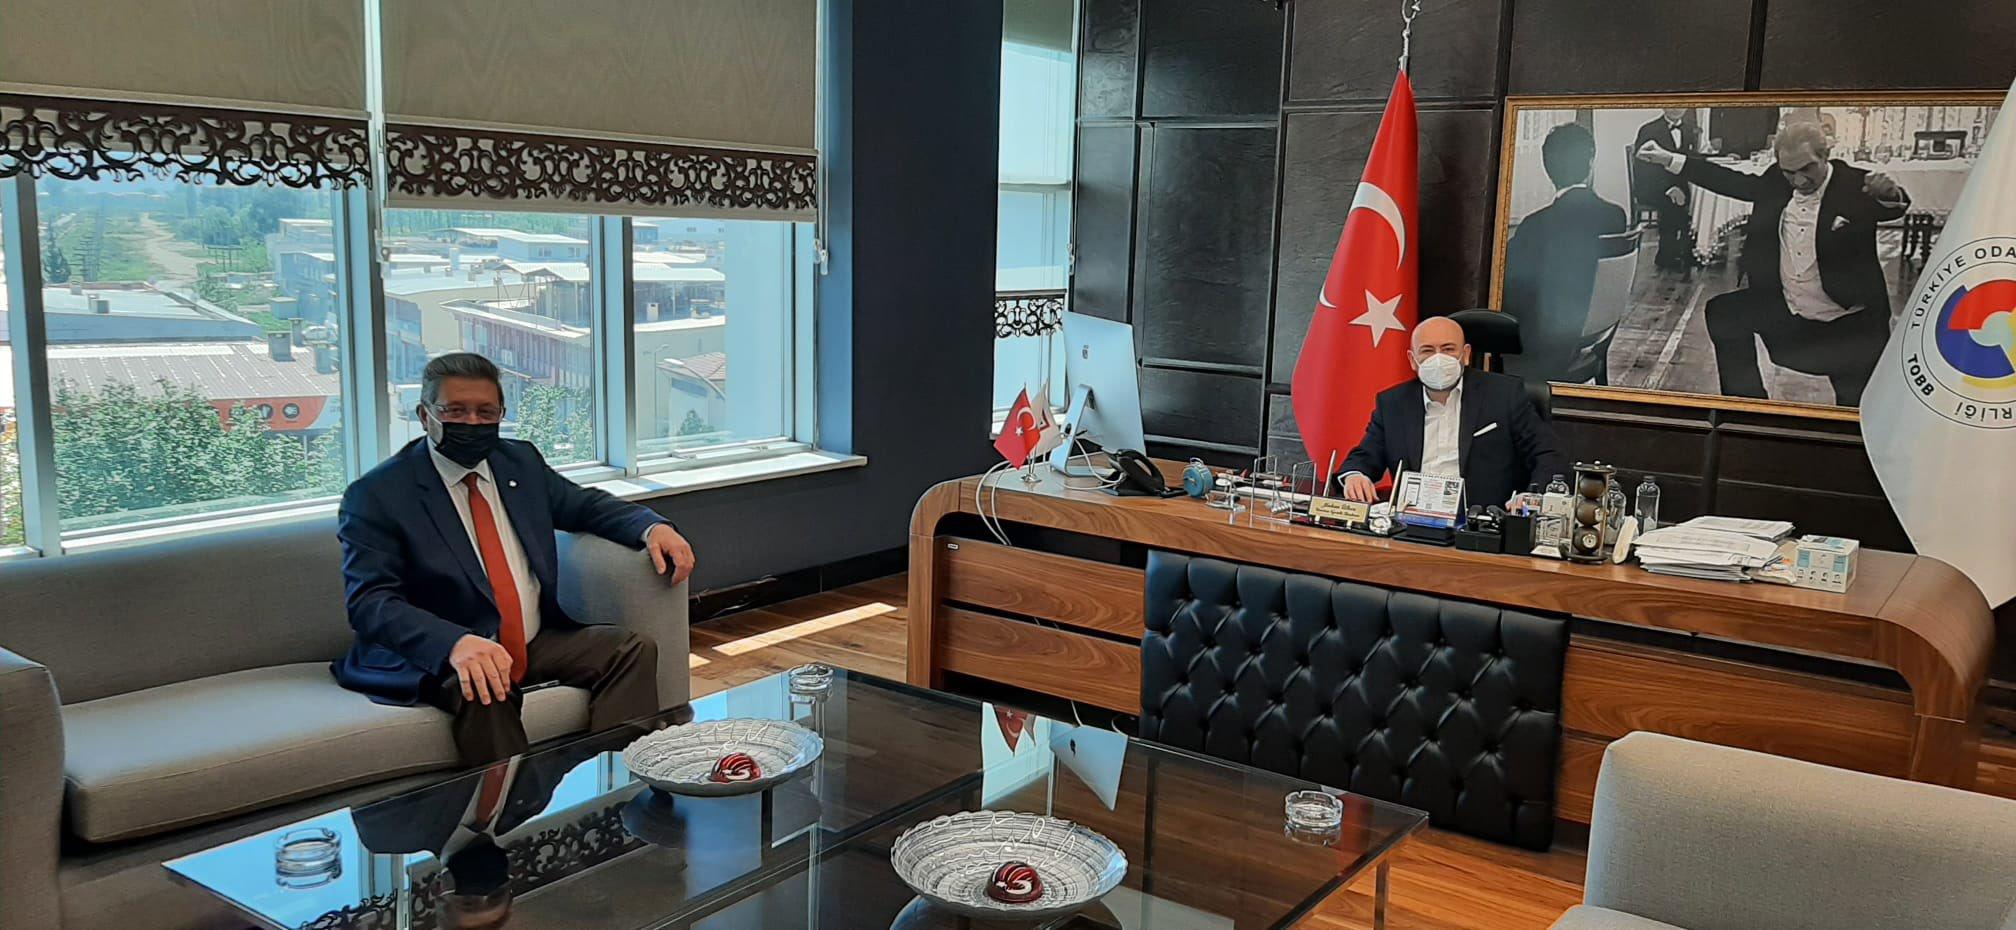 Nazilli Ticaret Odası Başkanı Sn Nuri ARSLAN, TOBB Yönetim Kurulu Üyesi ve Odamız Başkanı Hakan ÜLKEN' i makamında ziyaret etti.